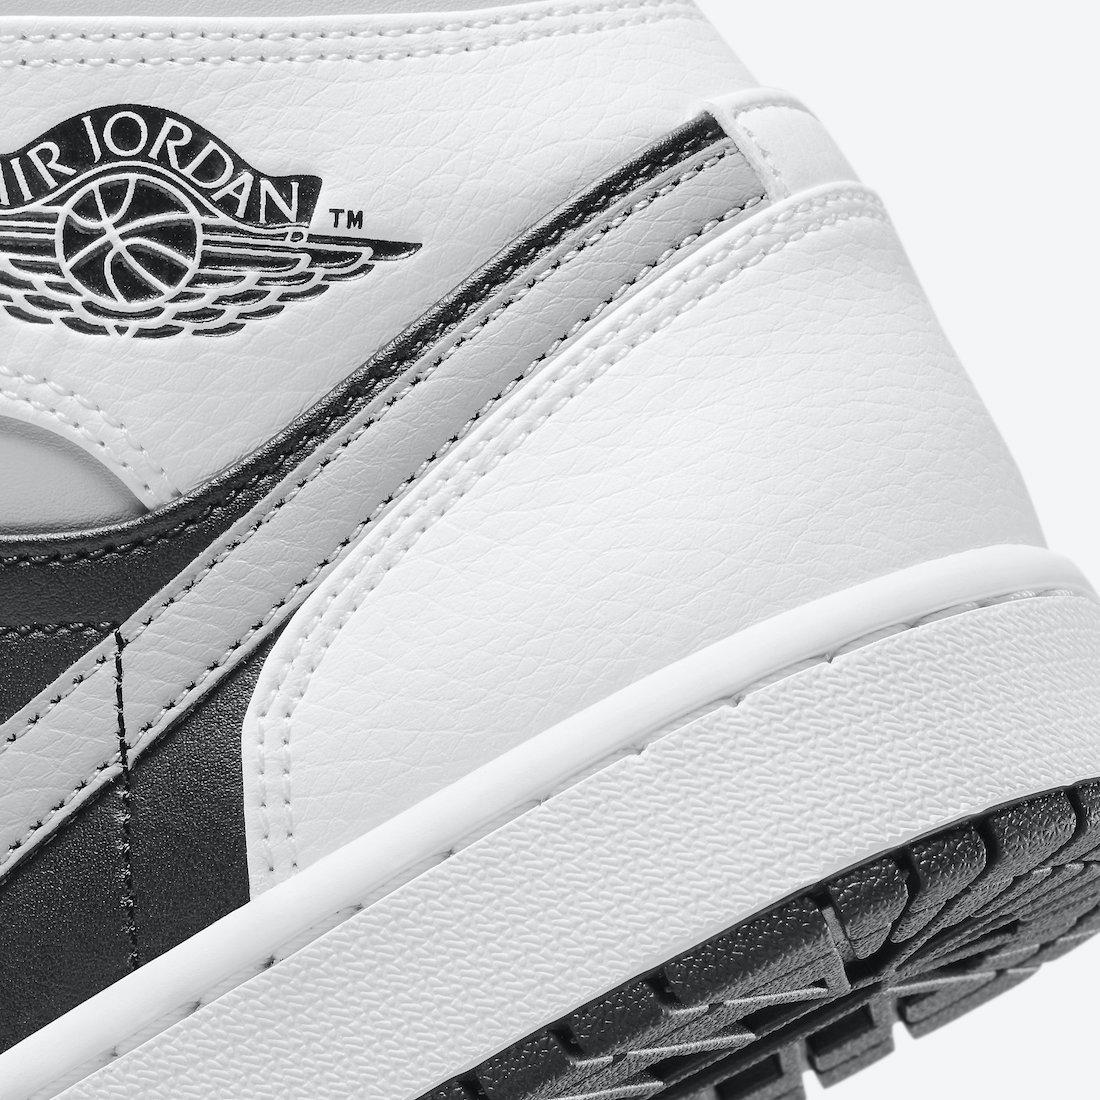 ナイキ エアジョーダン 1 ミッド ホワイト シャドウ Nike Air Jordan 1 Mid White Shadow 554724-073 close heel